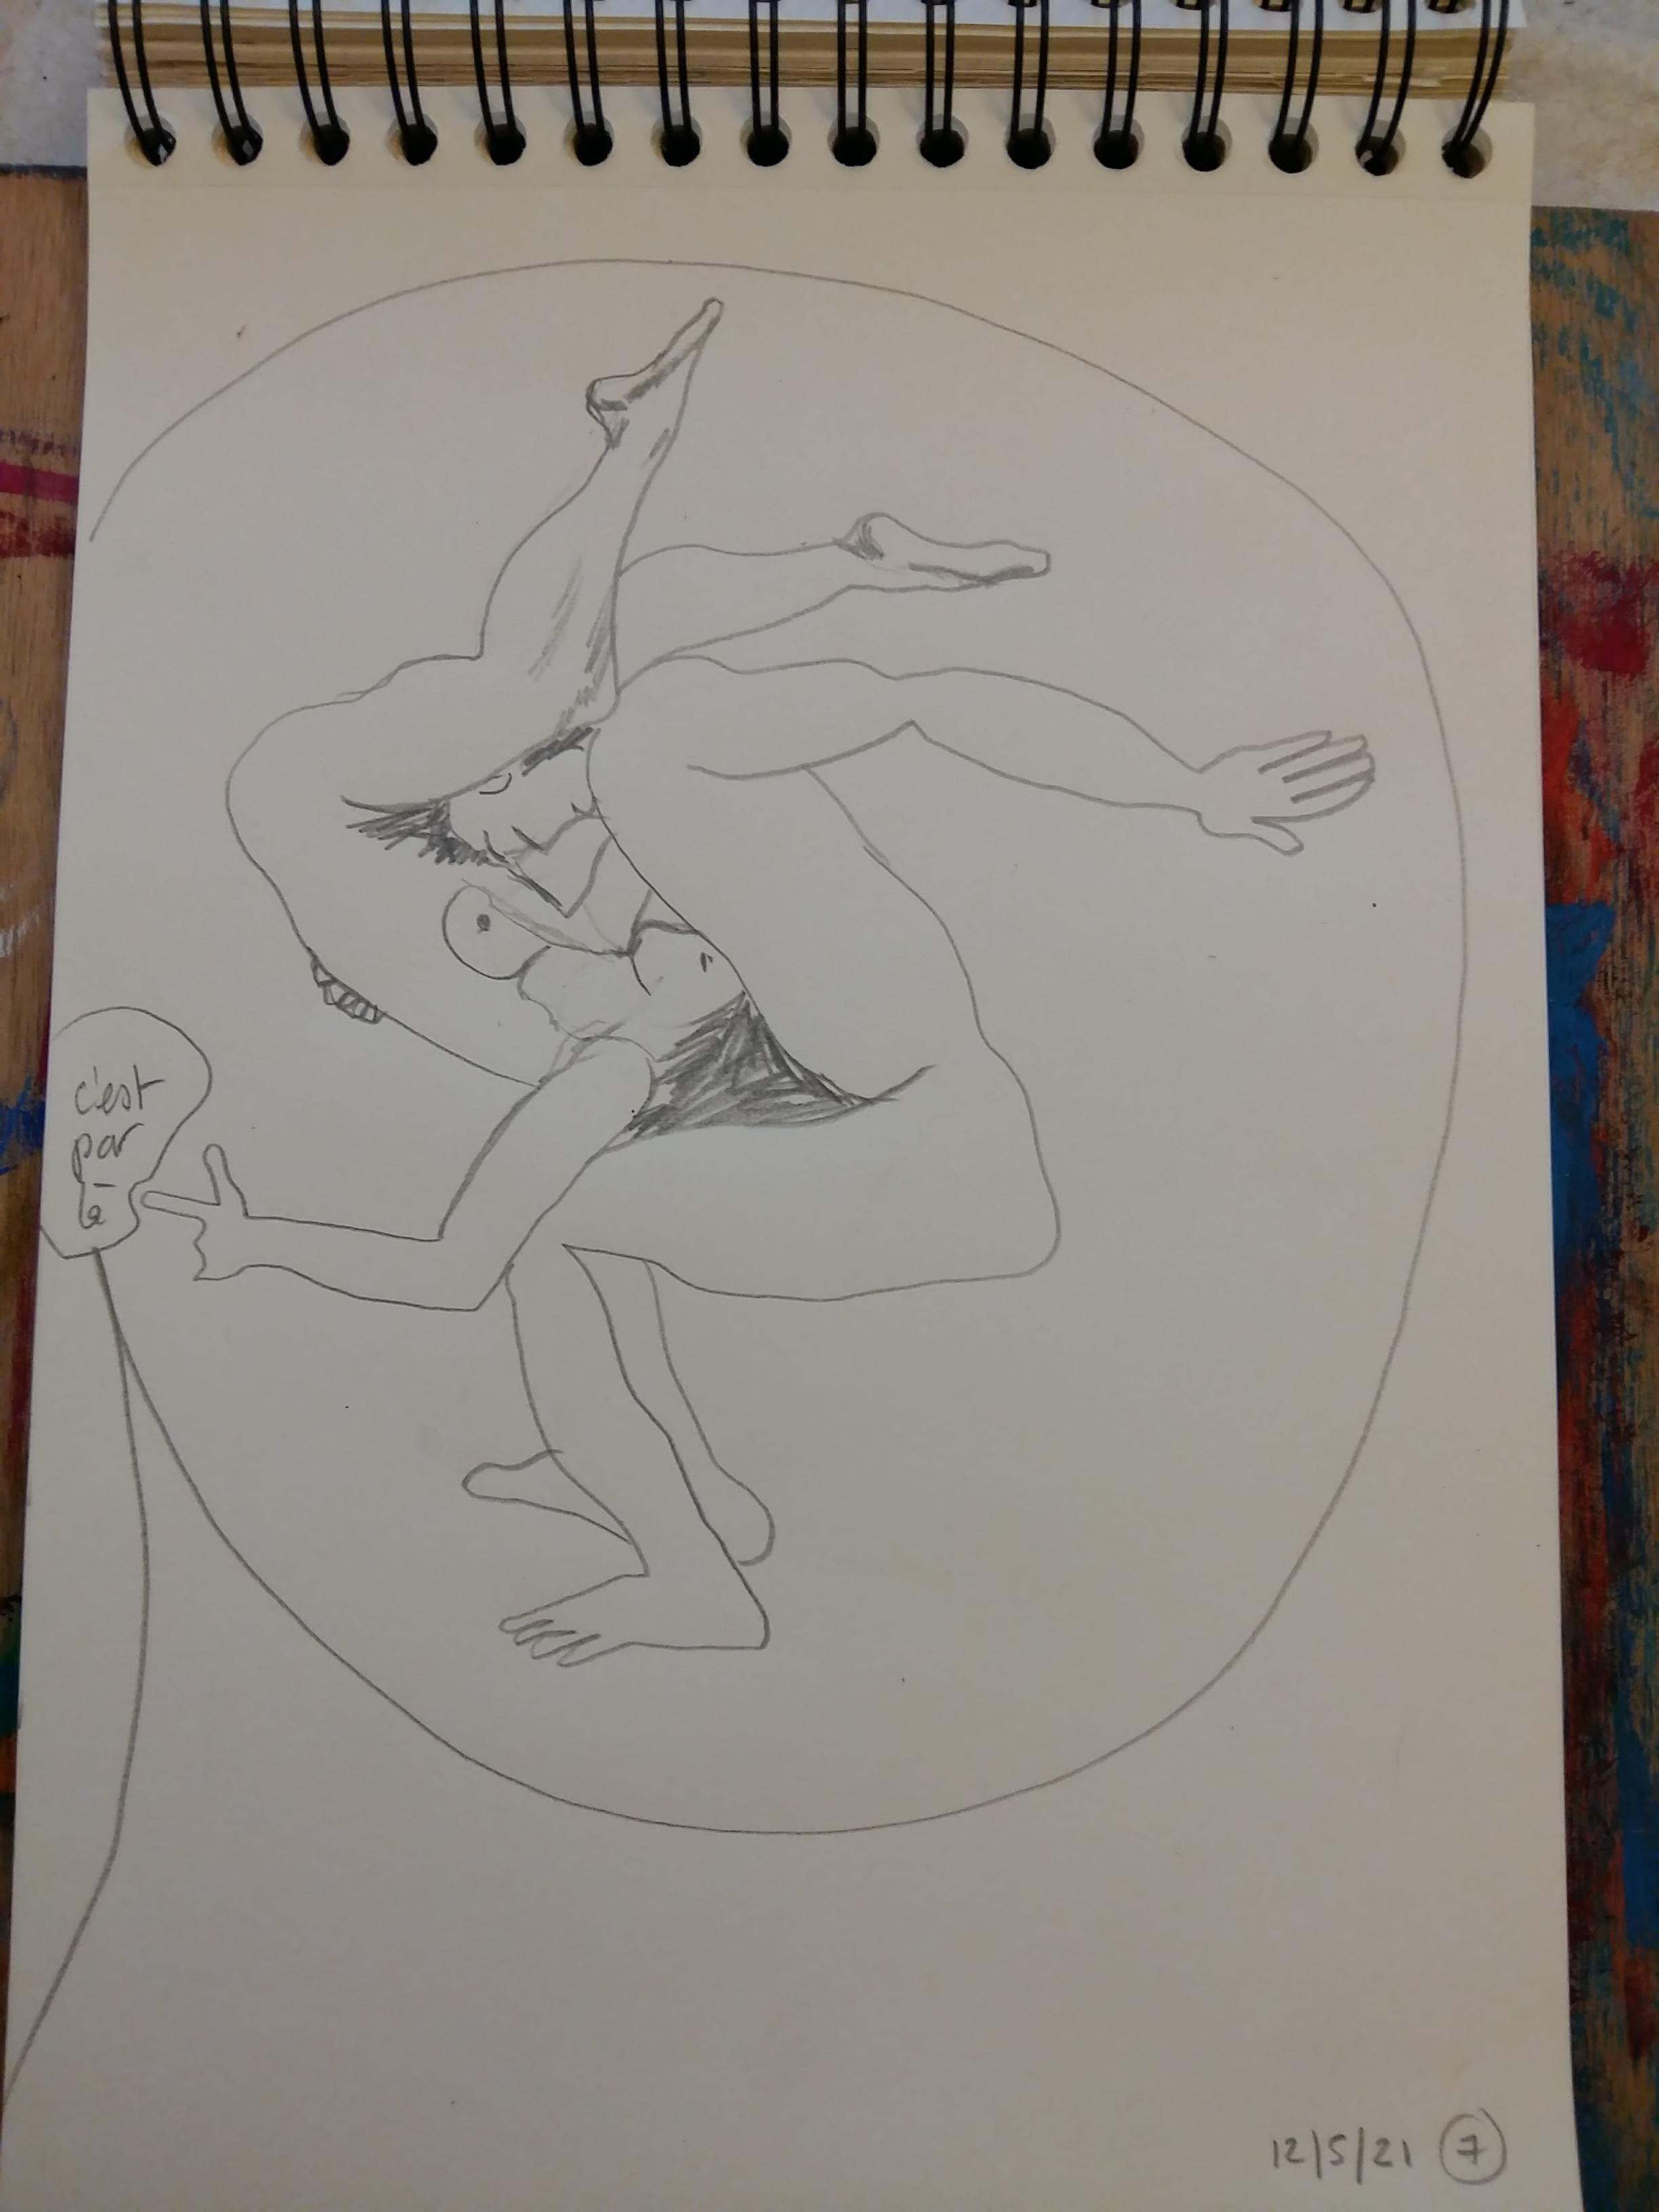 Croquis limite de l'androgyne crayon de papier  cours de dessin